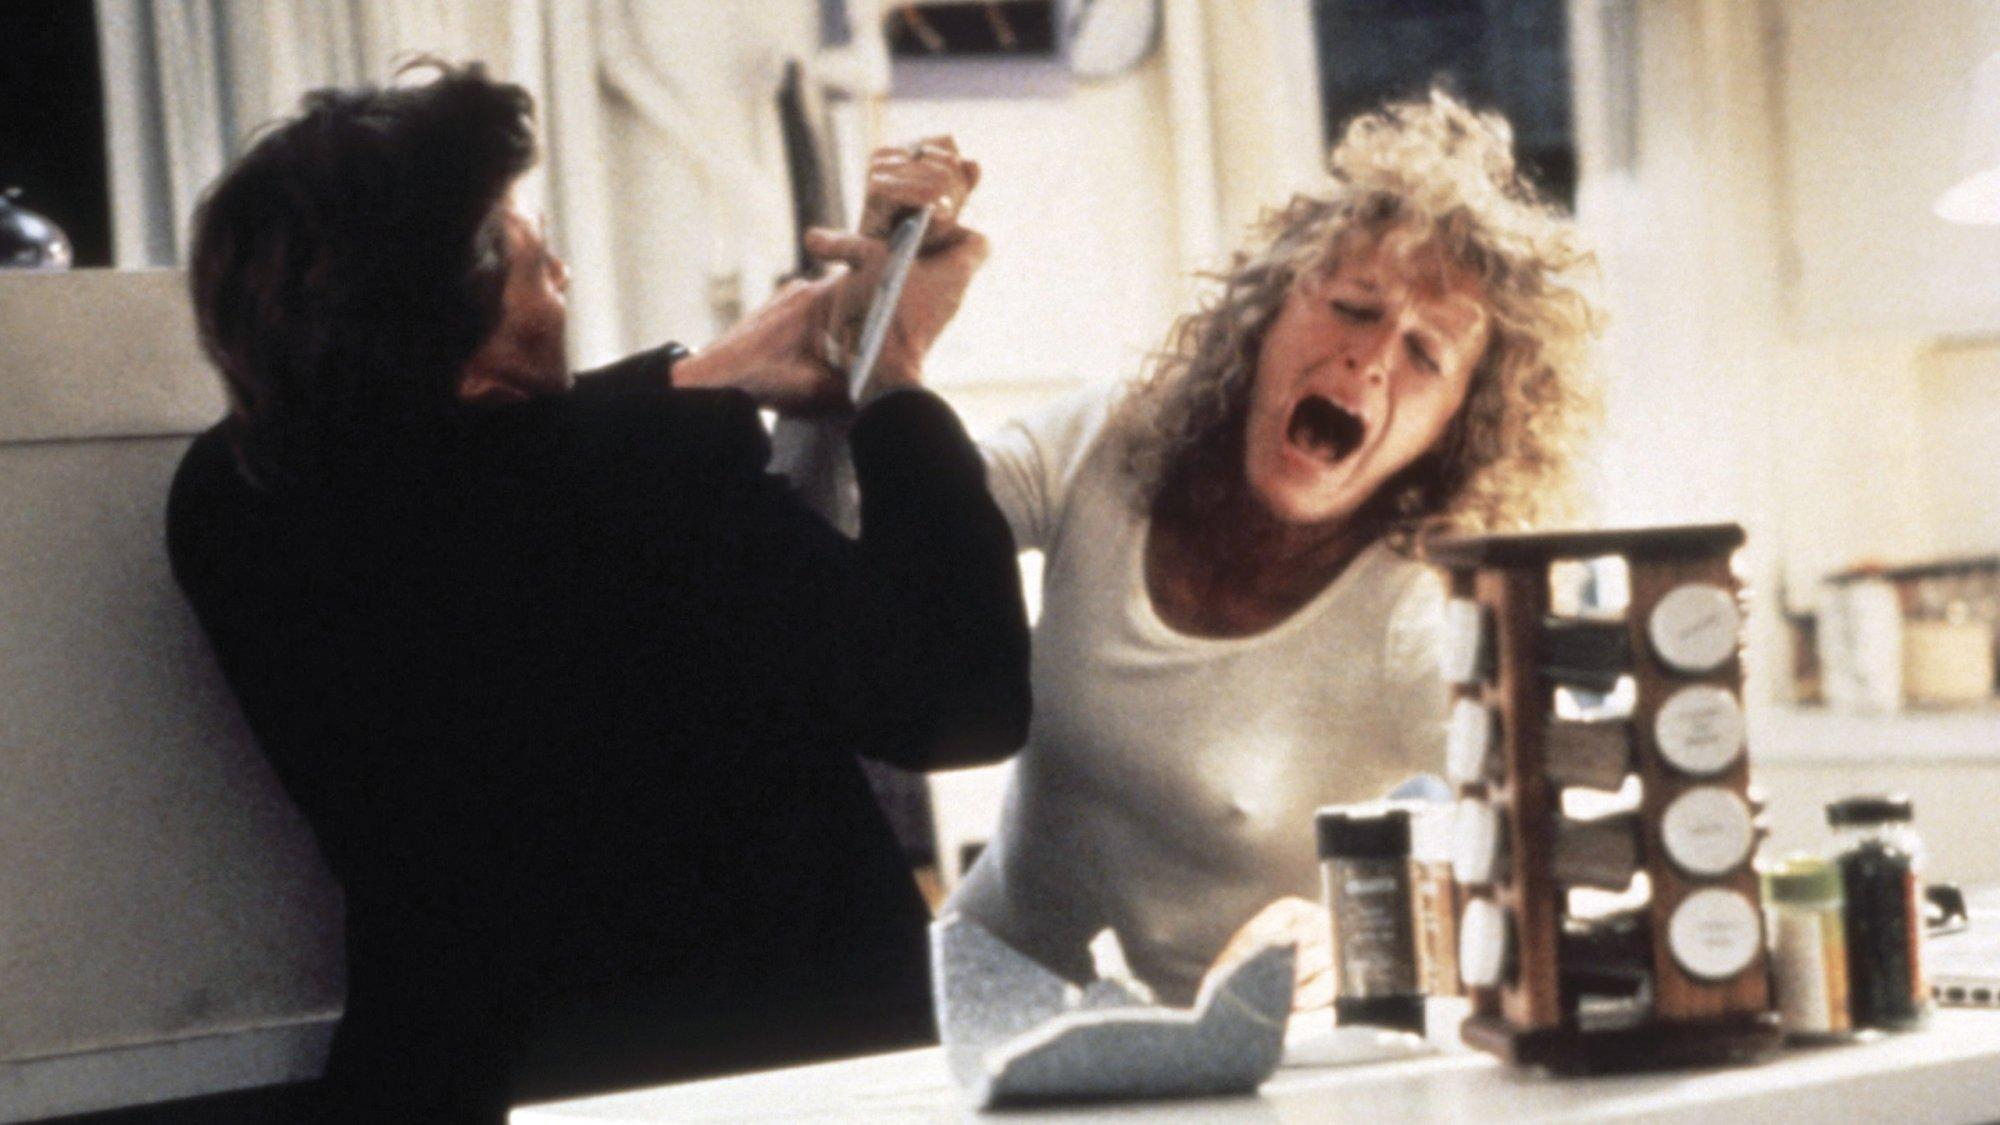 10部反套路的女主反杀电影,妹子大杀四方,一个比一个高能